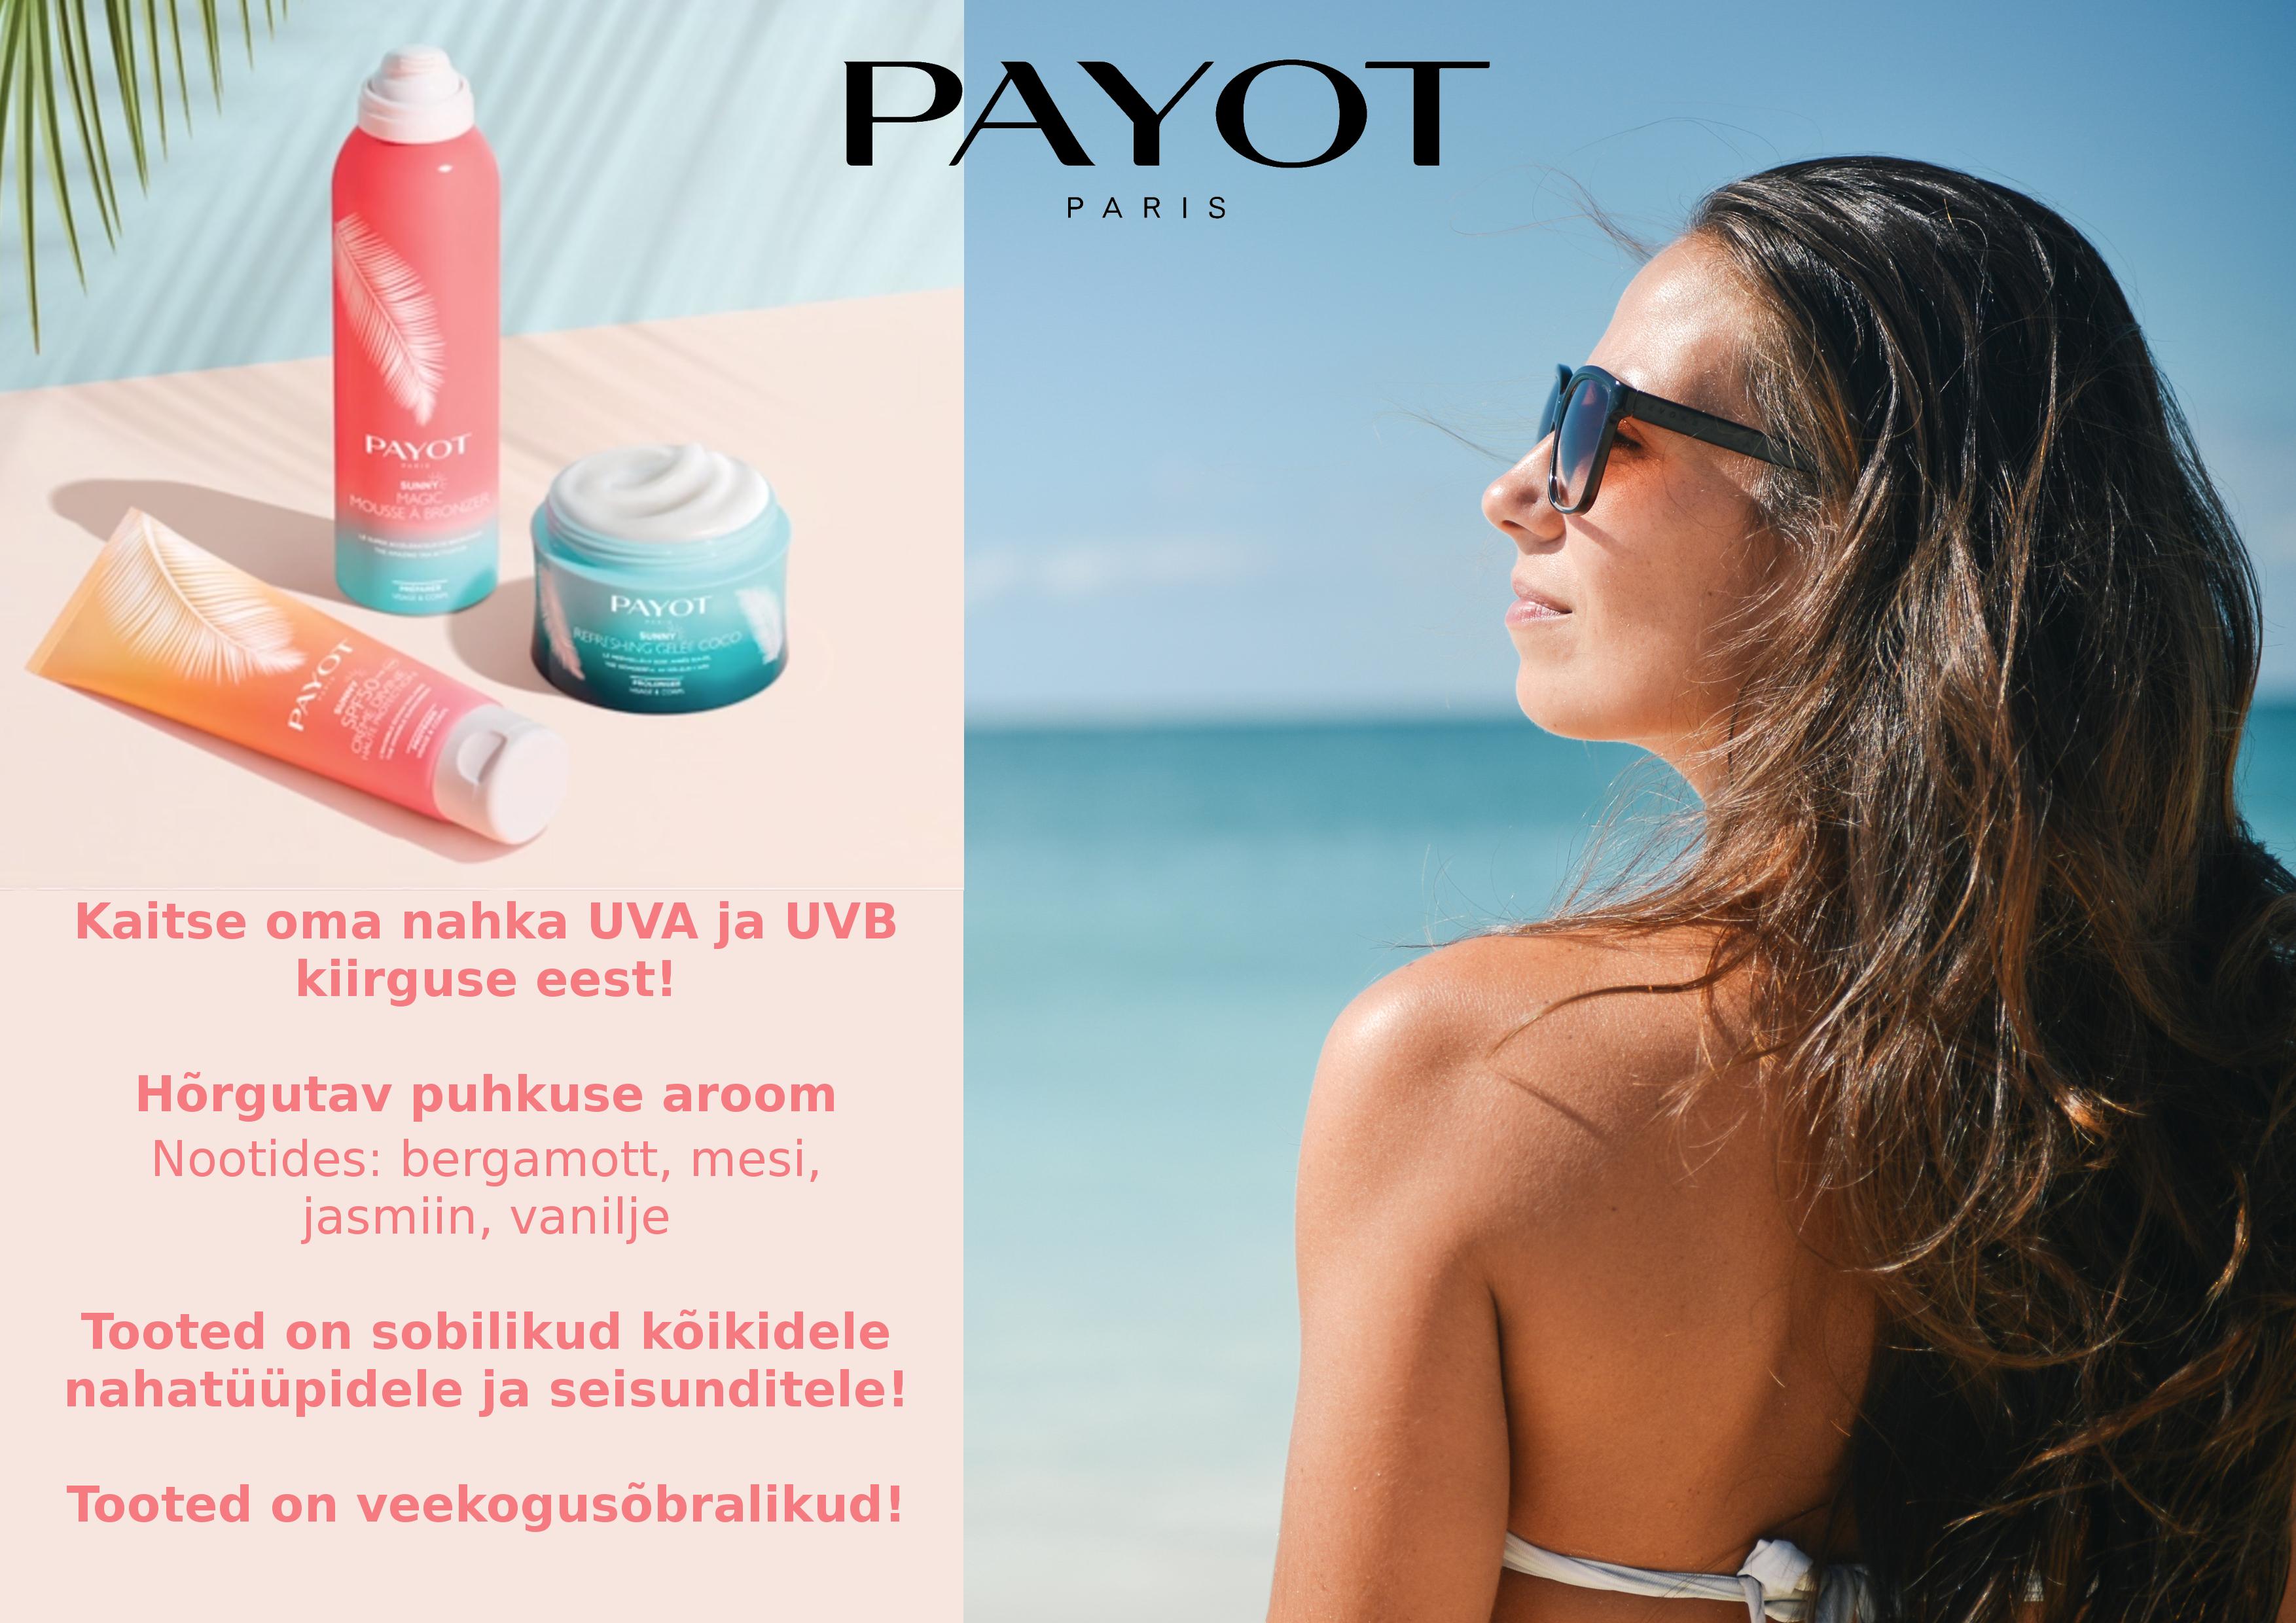 112aba3add2 Payot Sunny on uus optimaalse UVA ja UVB kaitsega toodete sari, mille  eesmärgiks on keskkonda ja veekogusid säästvalt pakkuda tõhusaid  päikesekaitsetooteid.